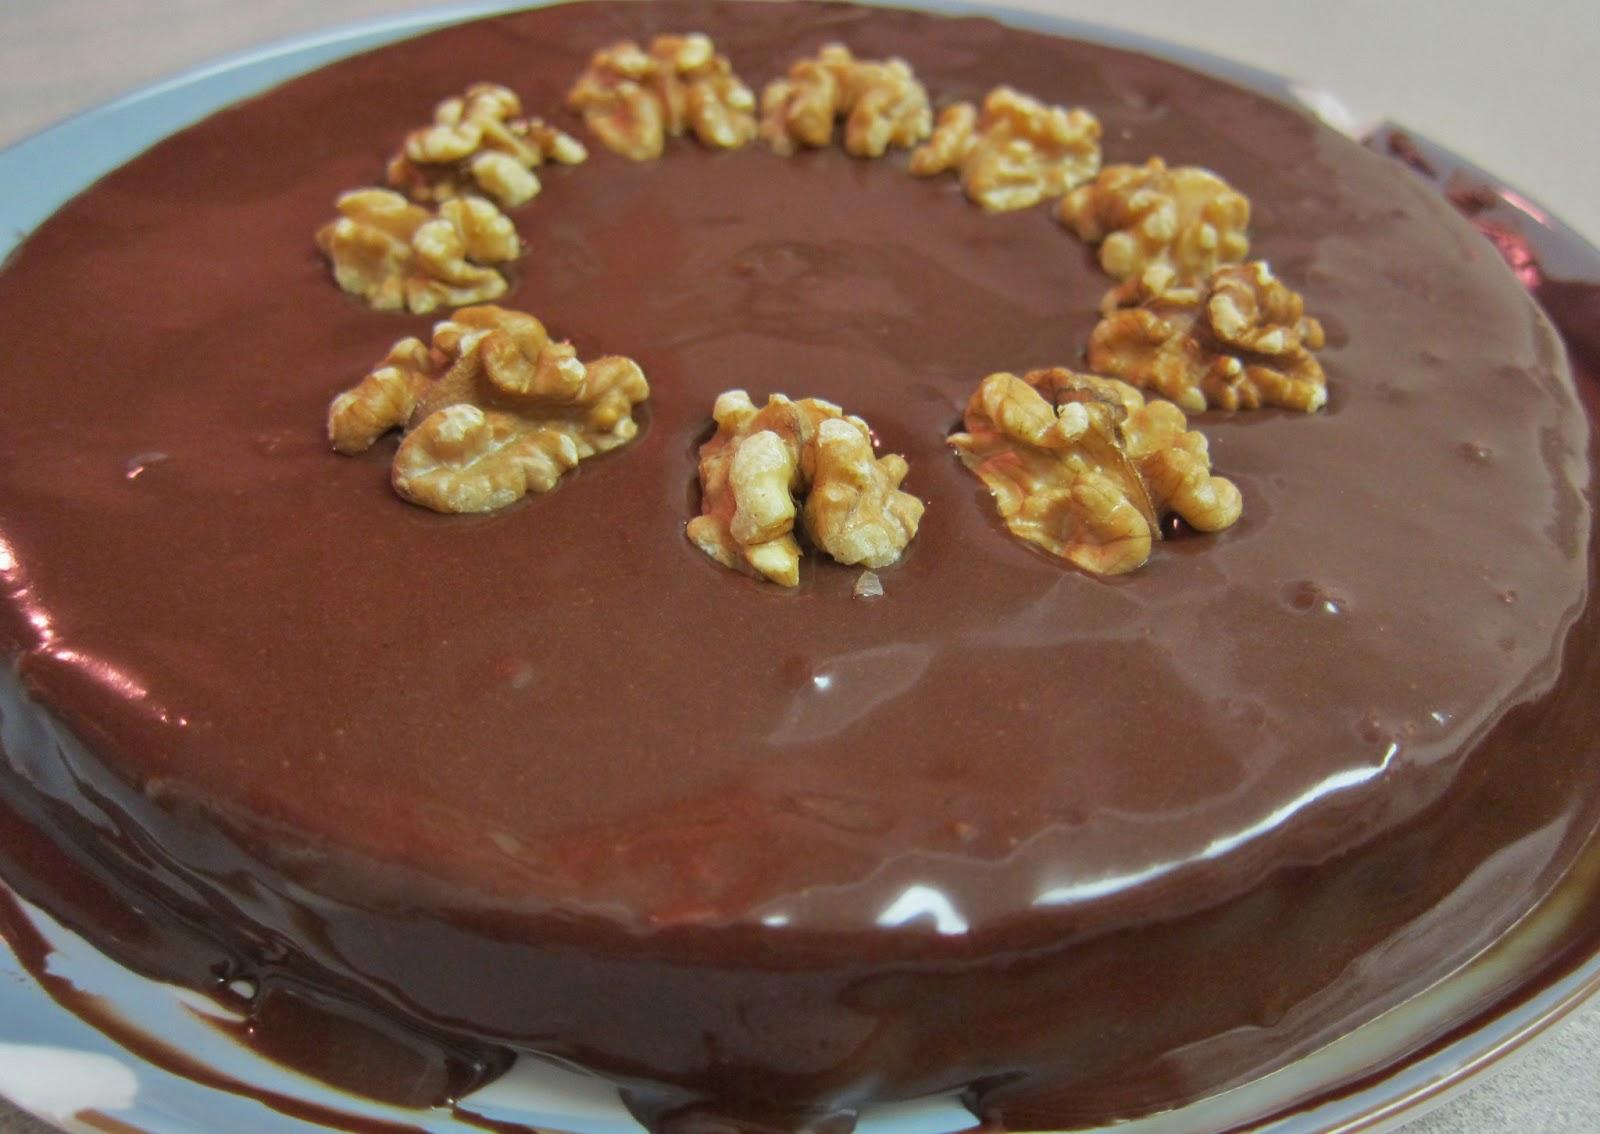 φούρνου συνταγές Καρυδόπιτα επιδόρπια γλυκά με σοκολάτα γλυκά γλάσο σοκολάτας